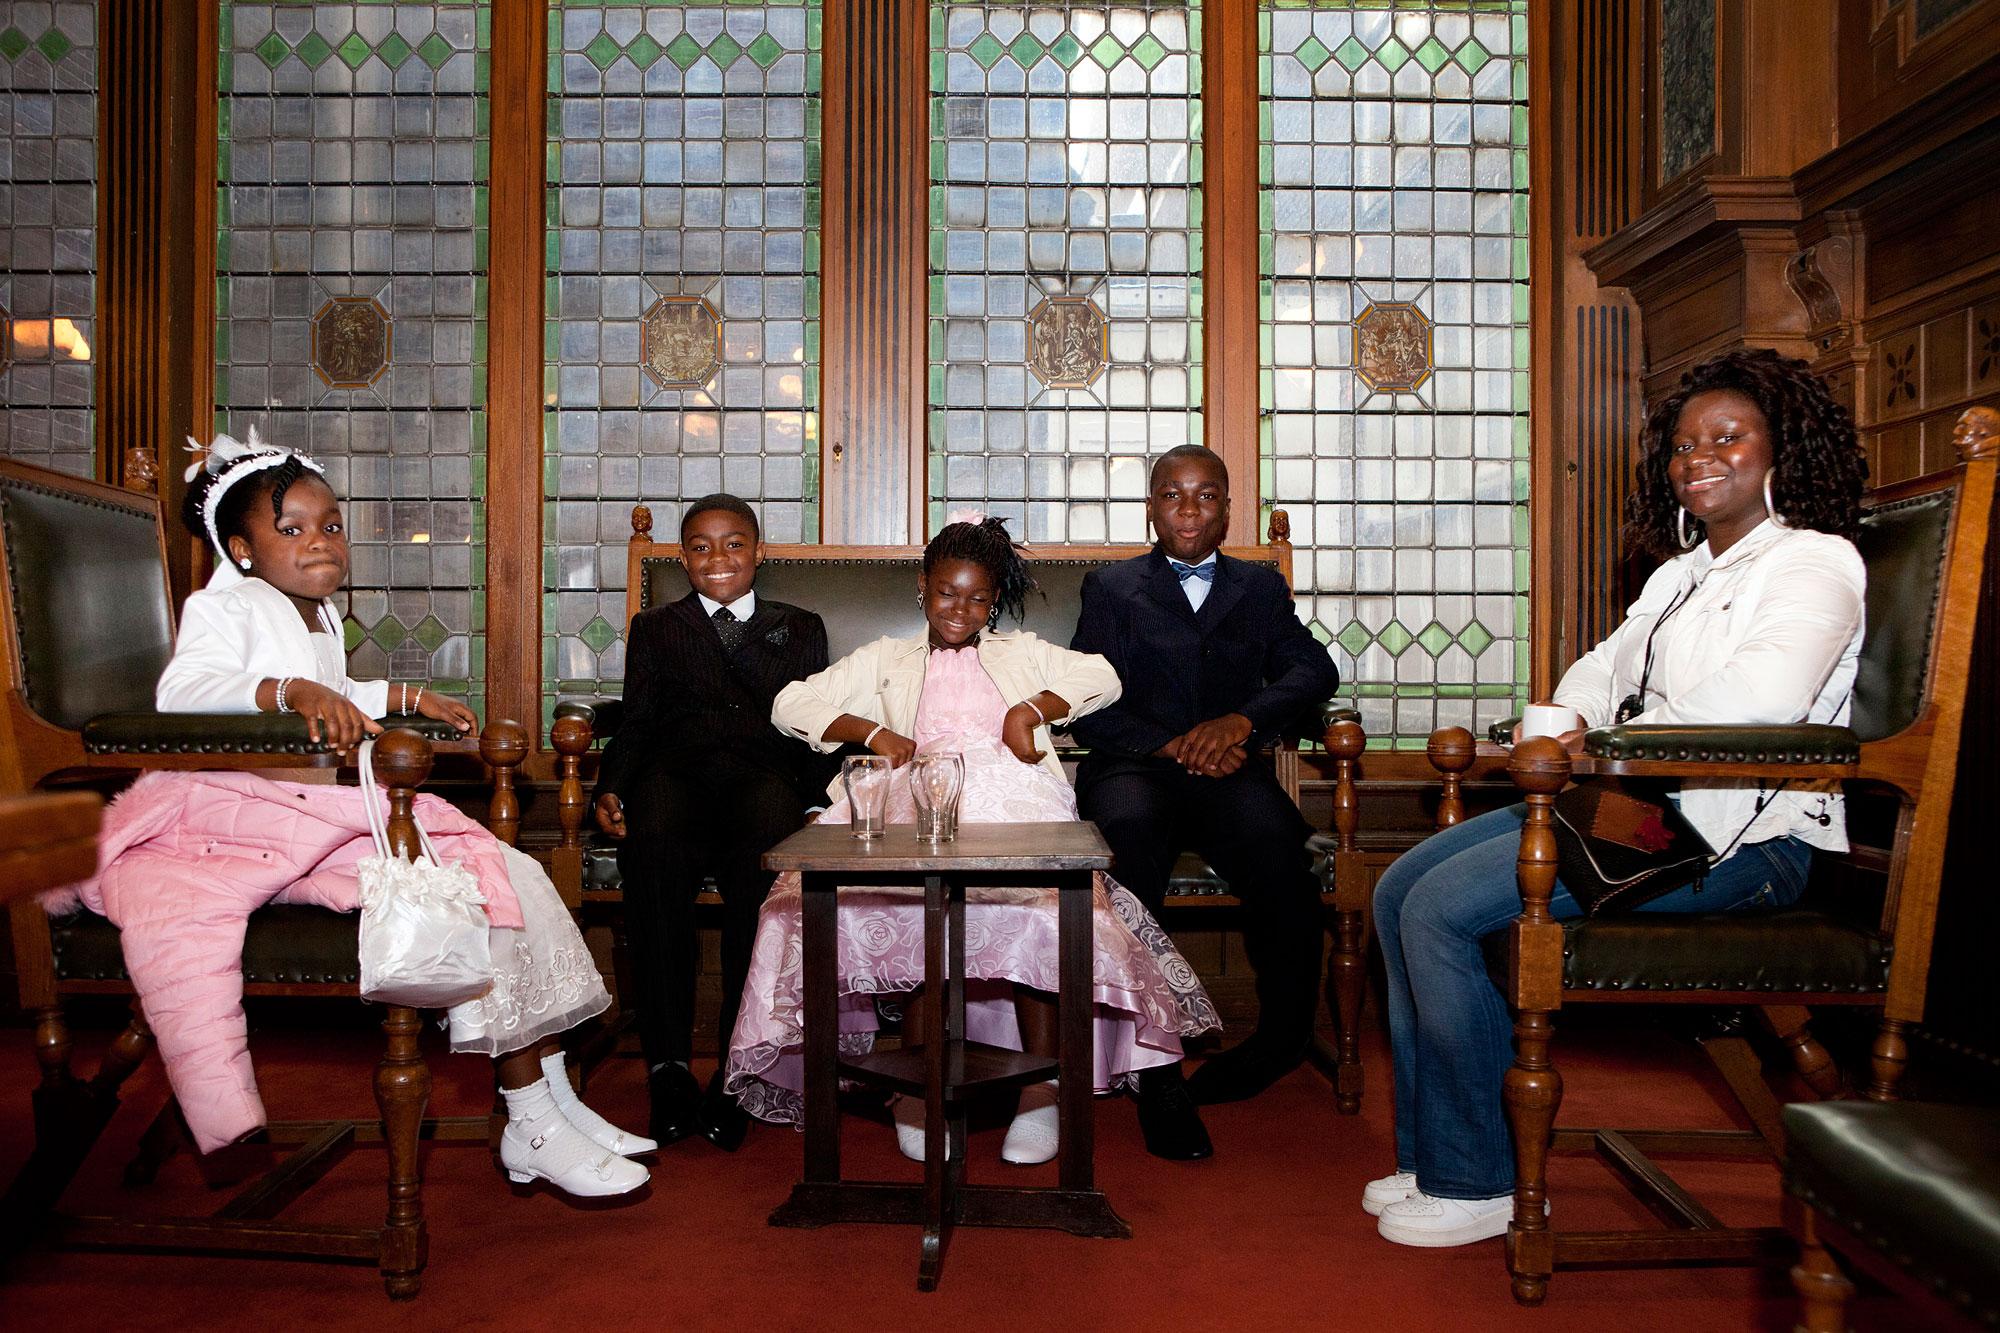 Familie van gospel church op de foto gezet